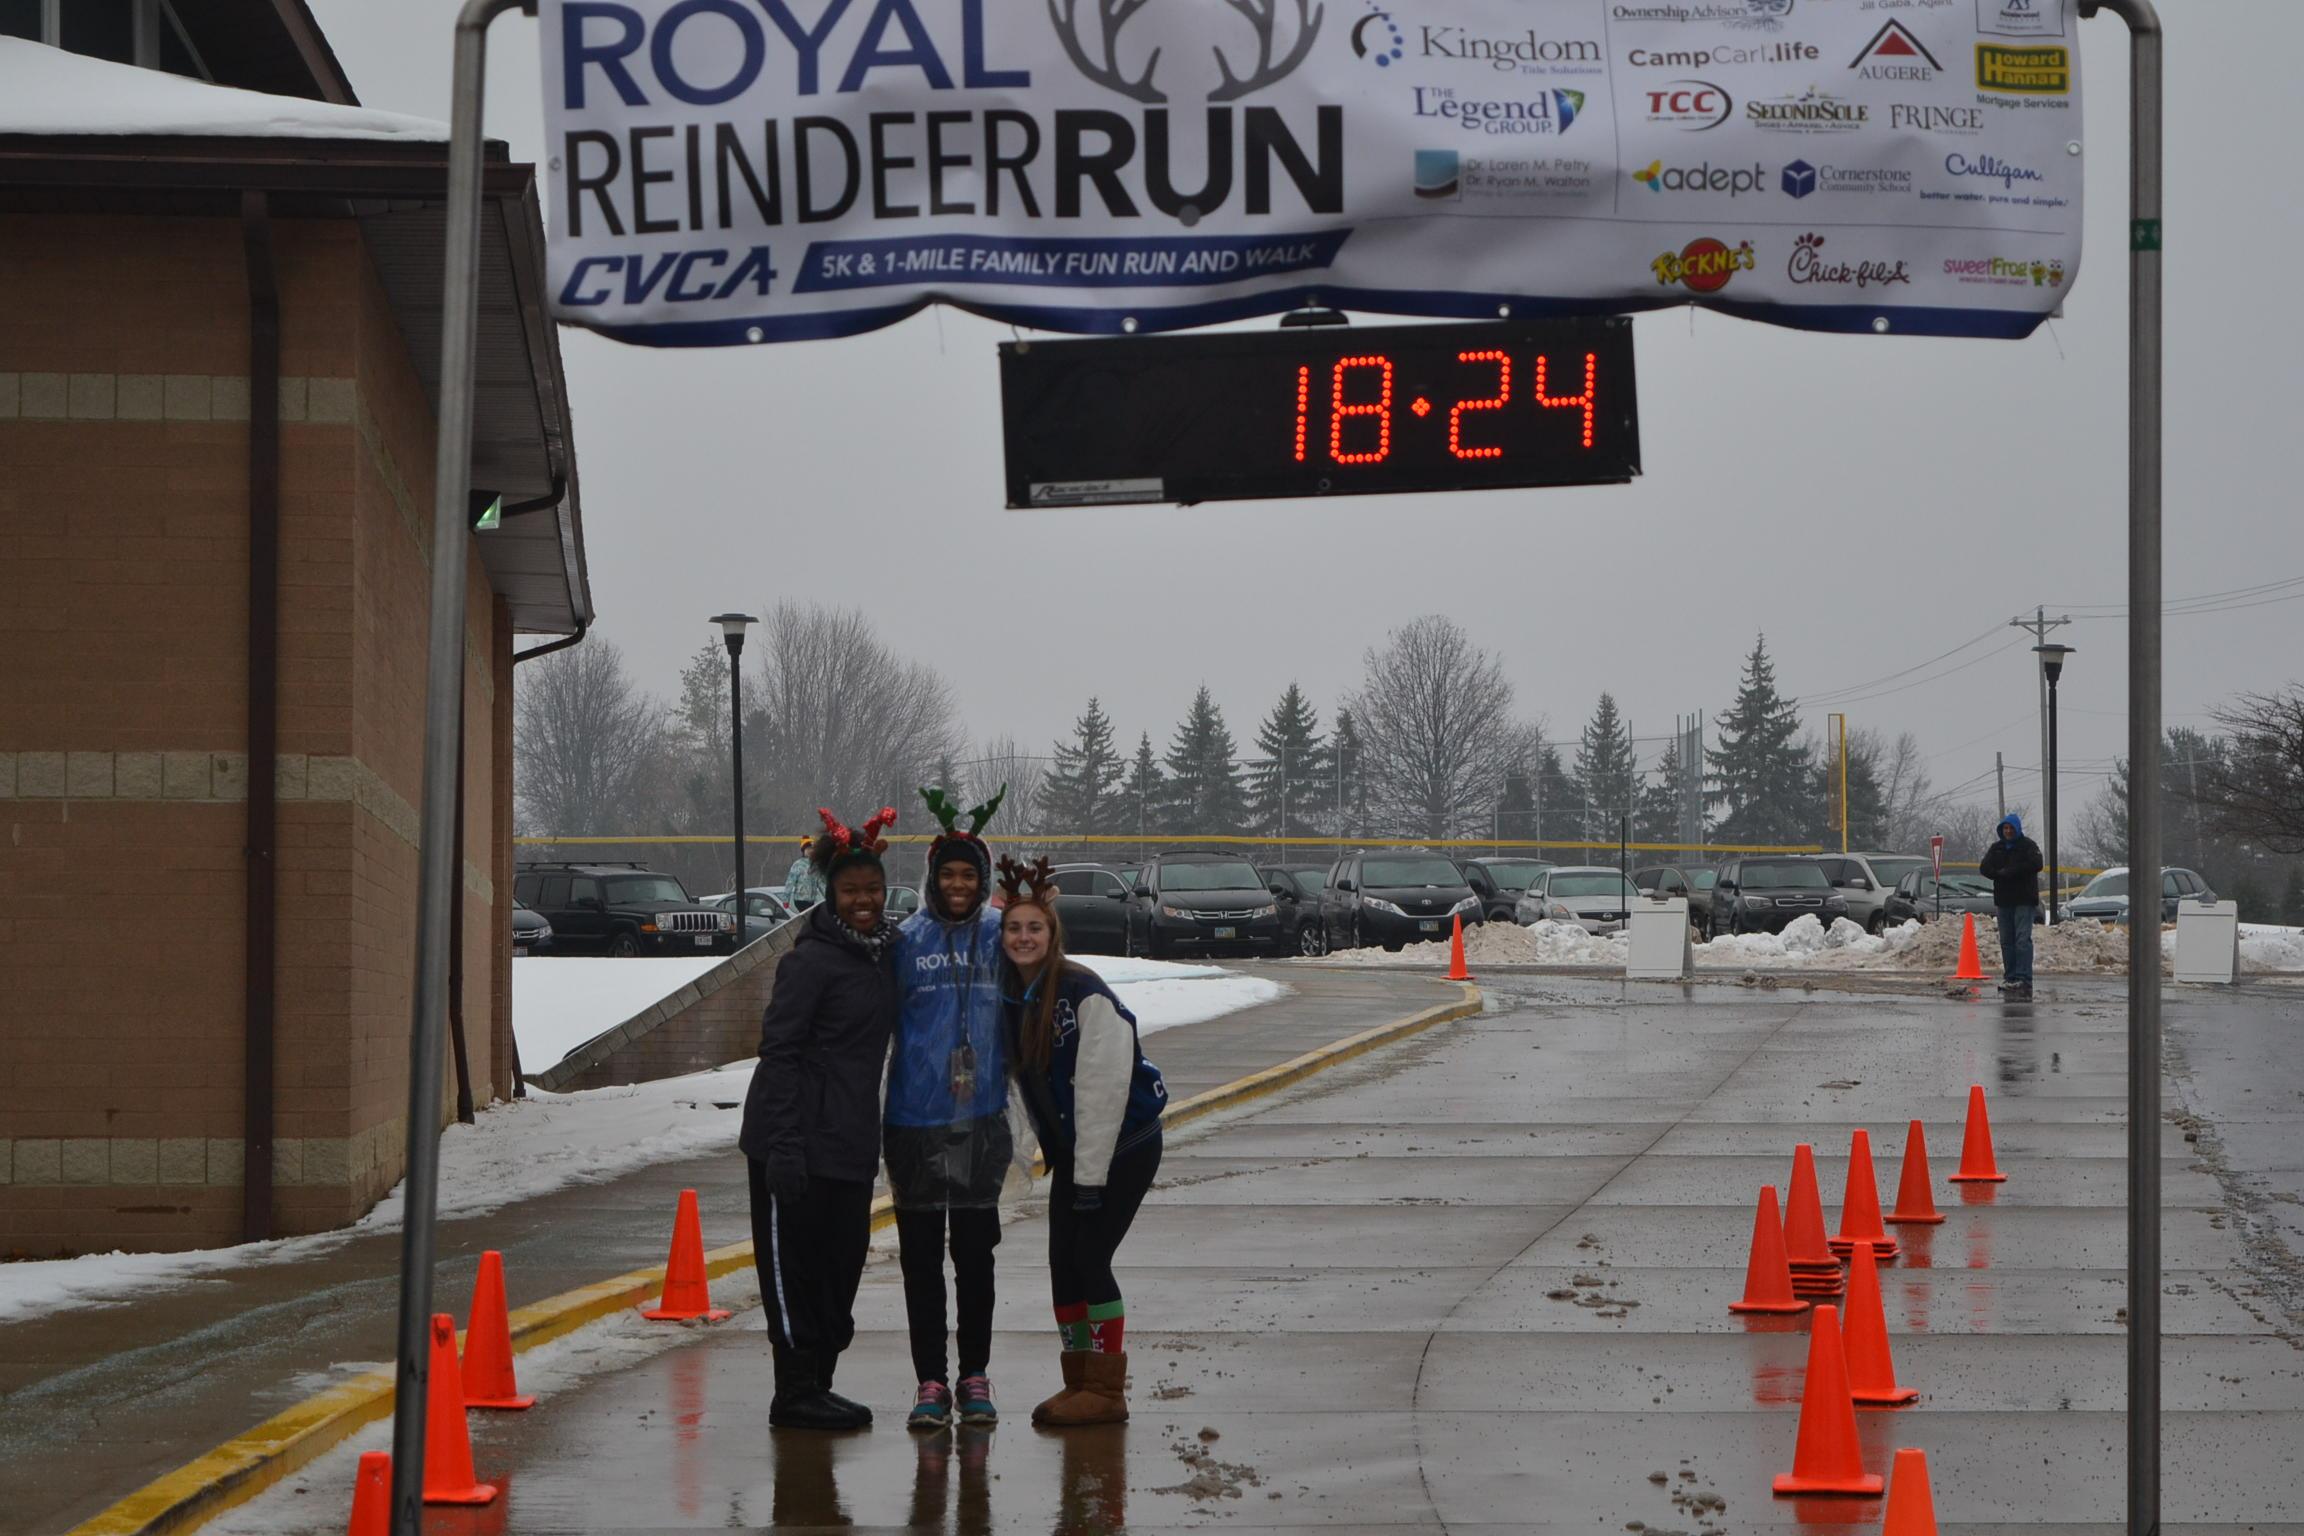 2016 CVCA Royal Reindeer Run